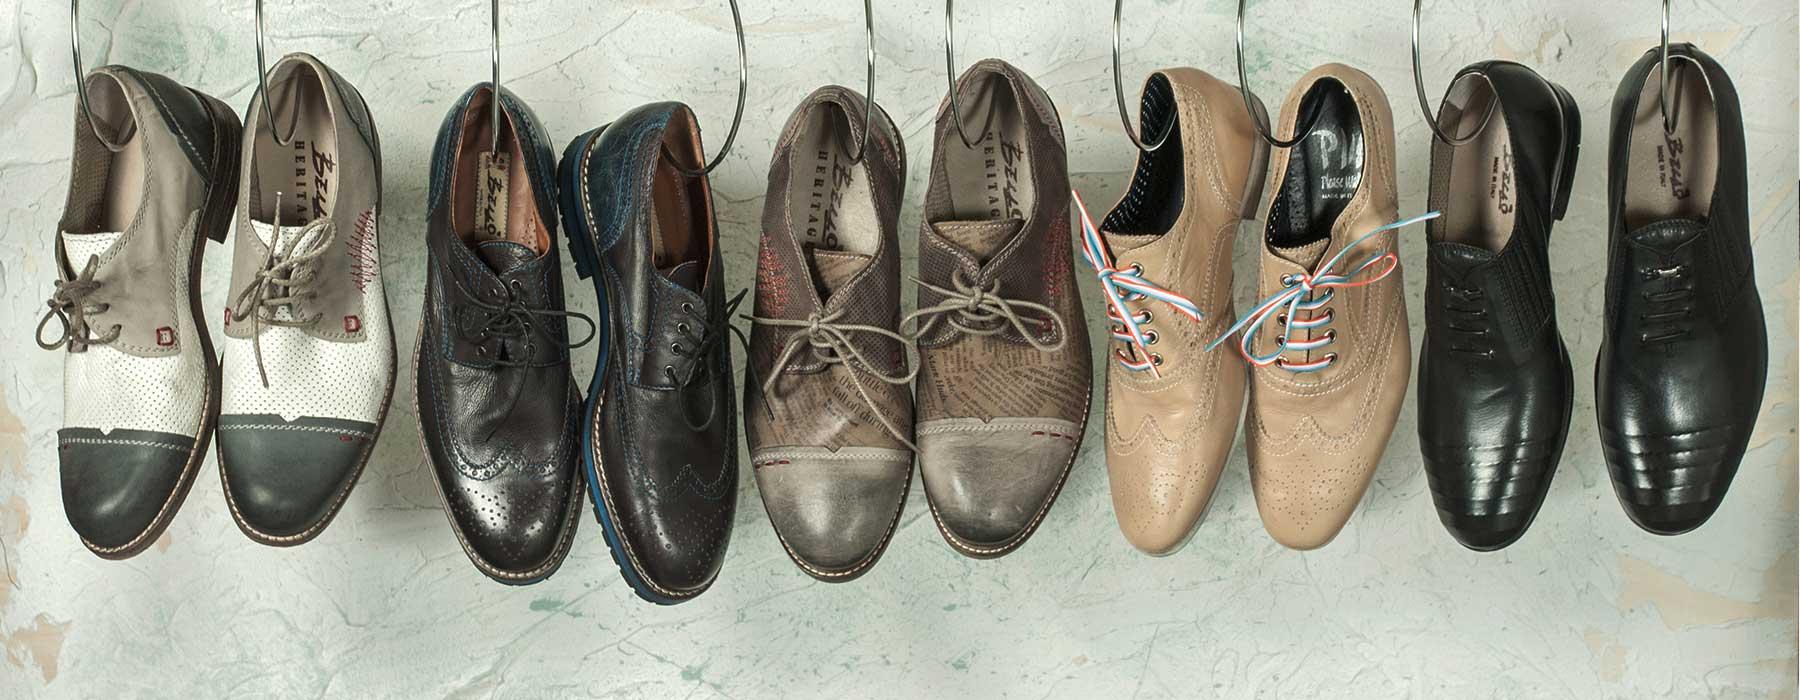 produttore-scarpe-riviera-brenta